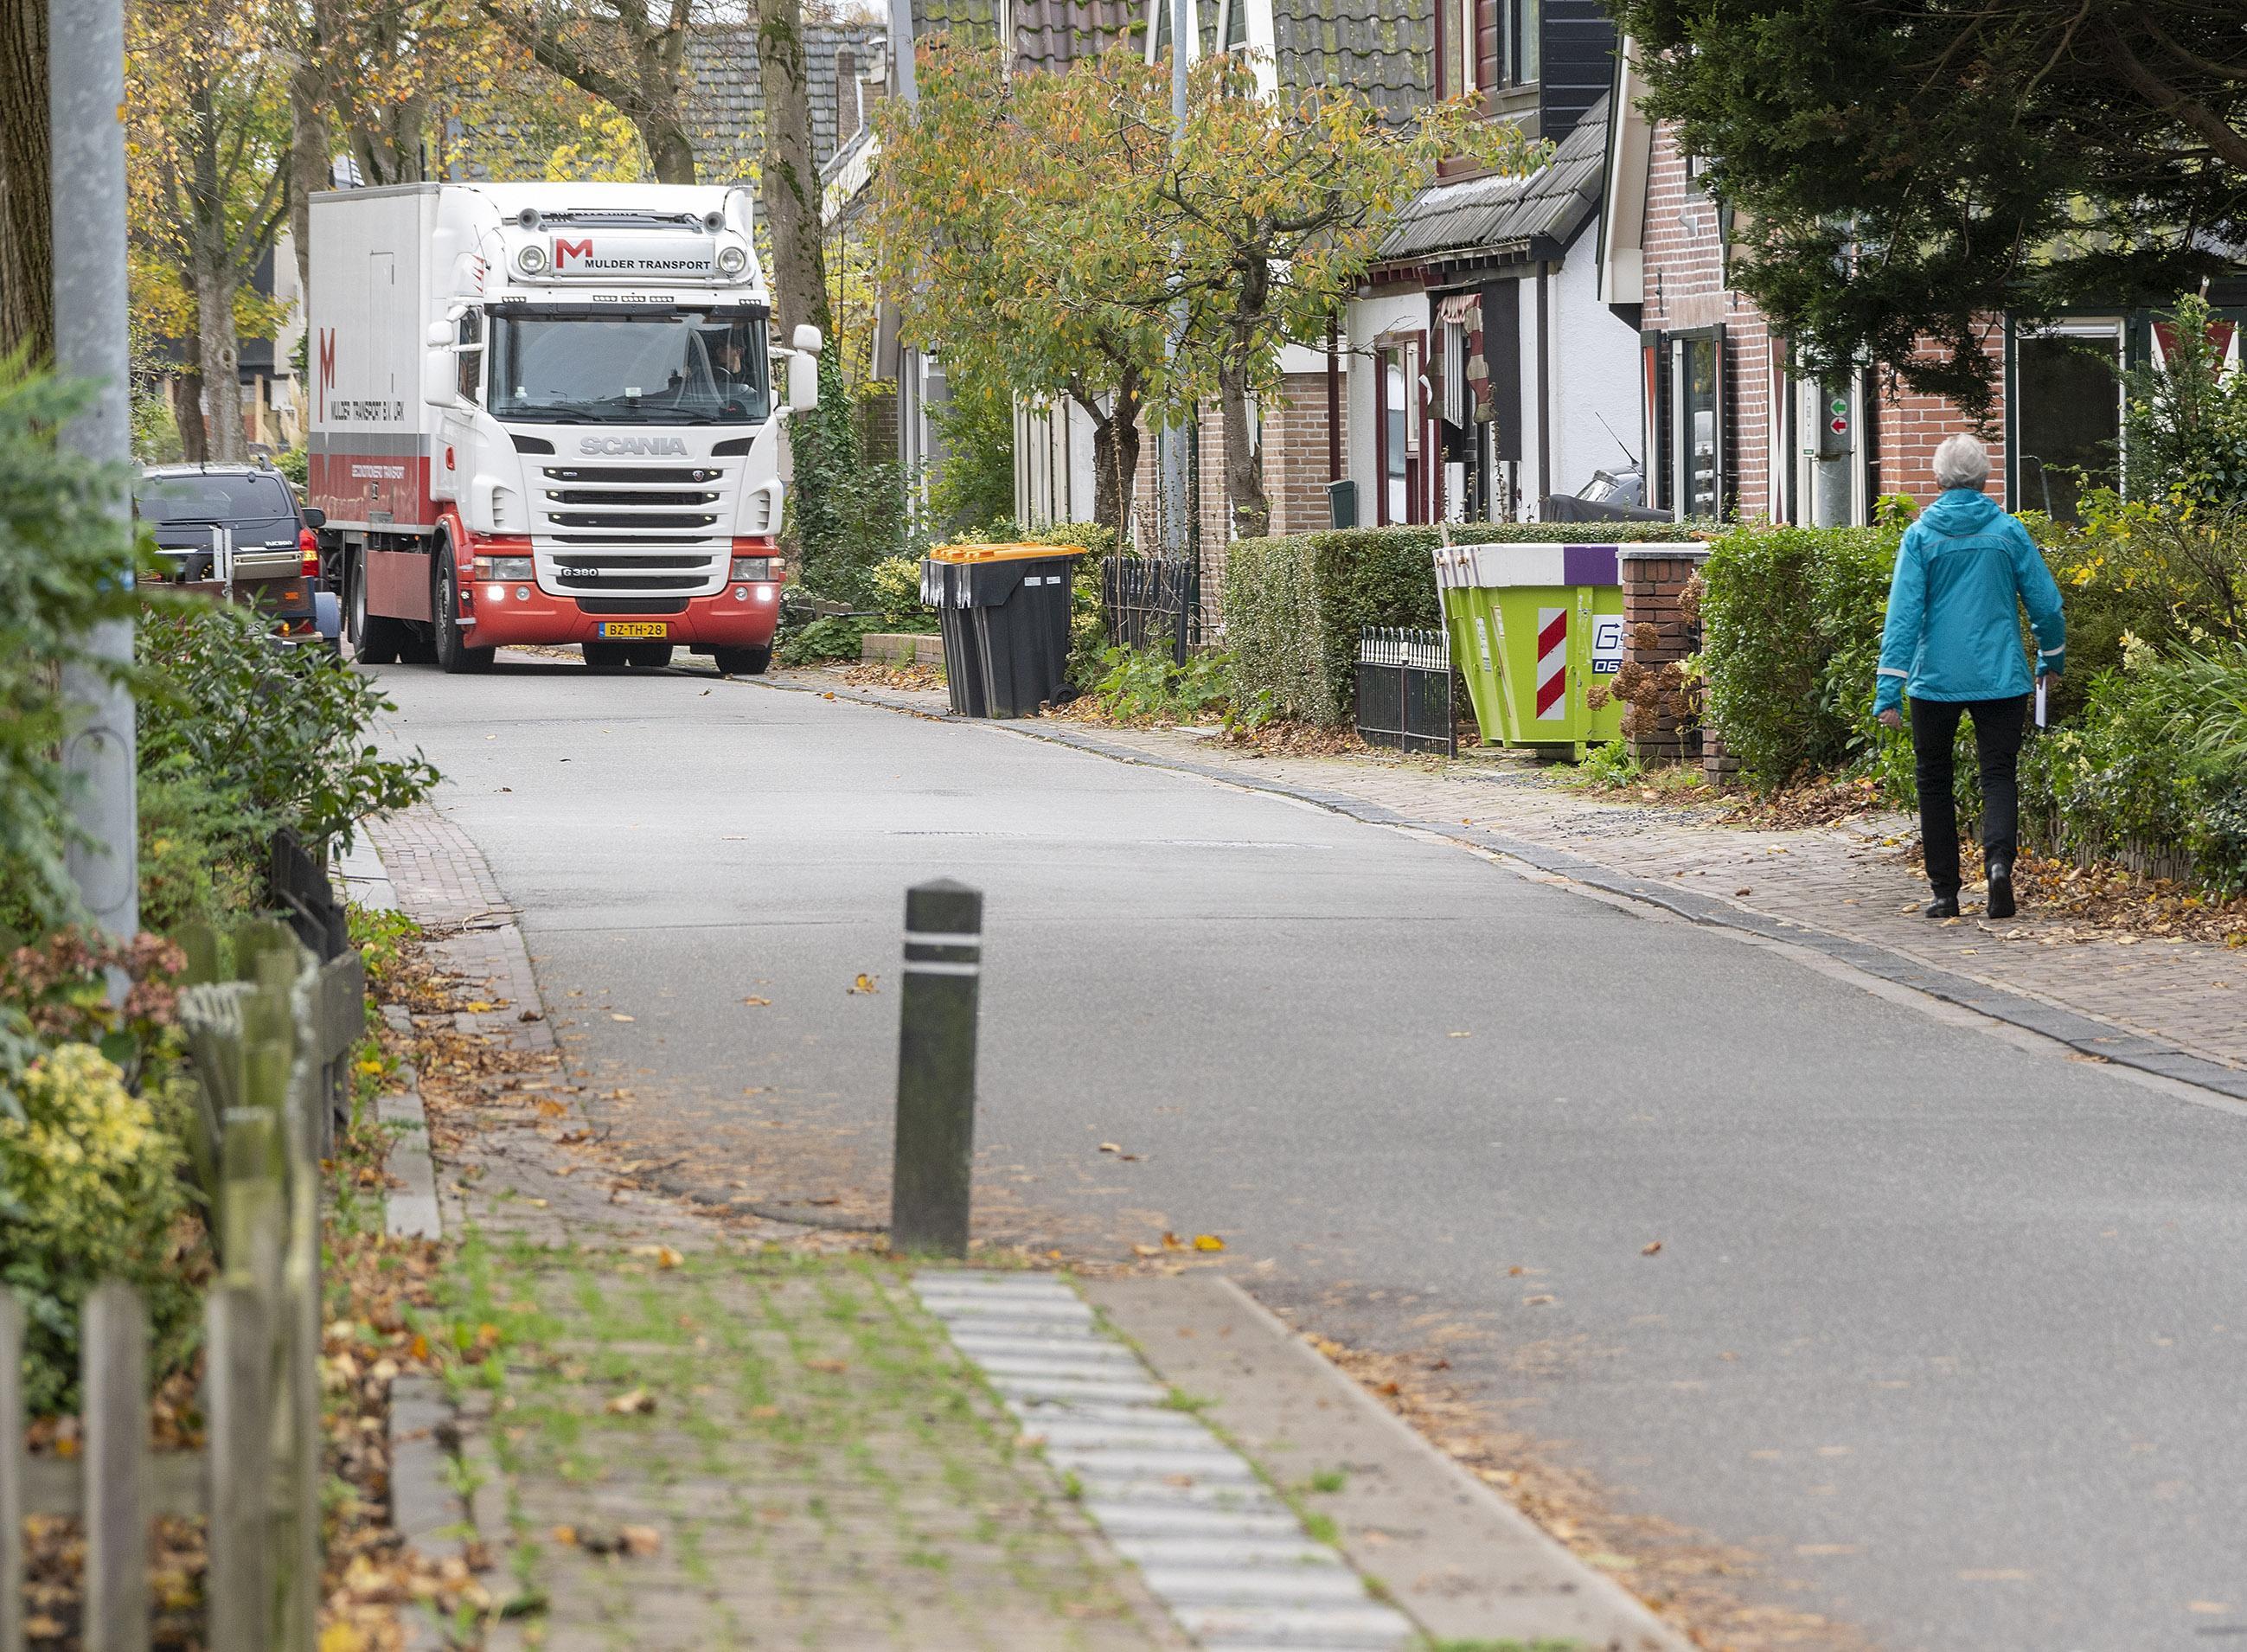 Verkeersdruk in Sint Pancras: wethouder wil voor eind 2020 met een door de inwoners gedragen plan komen